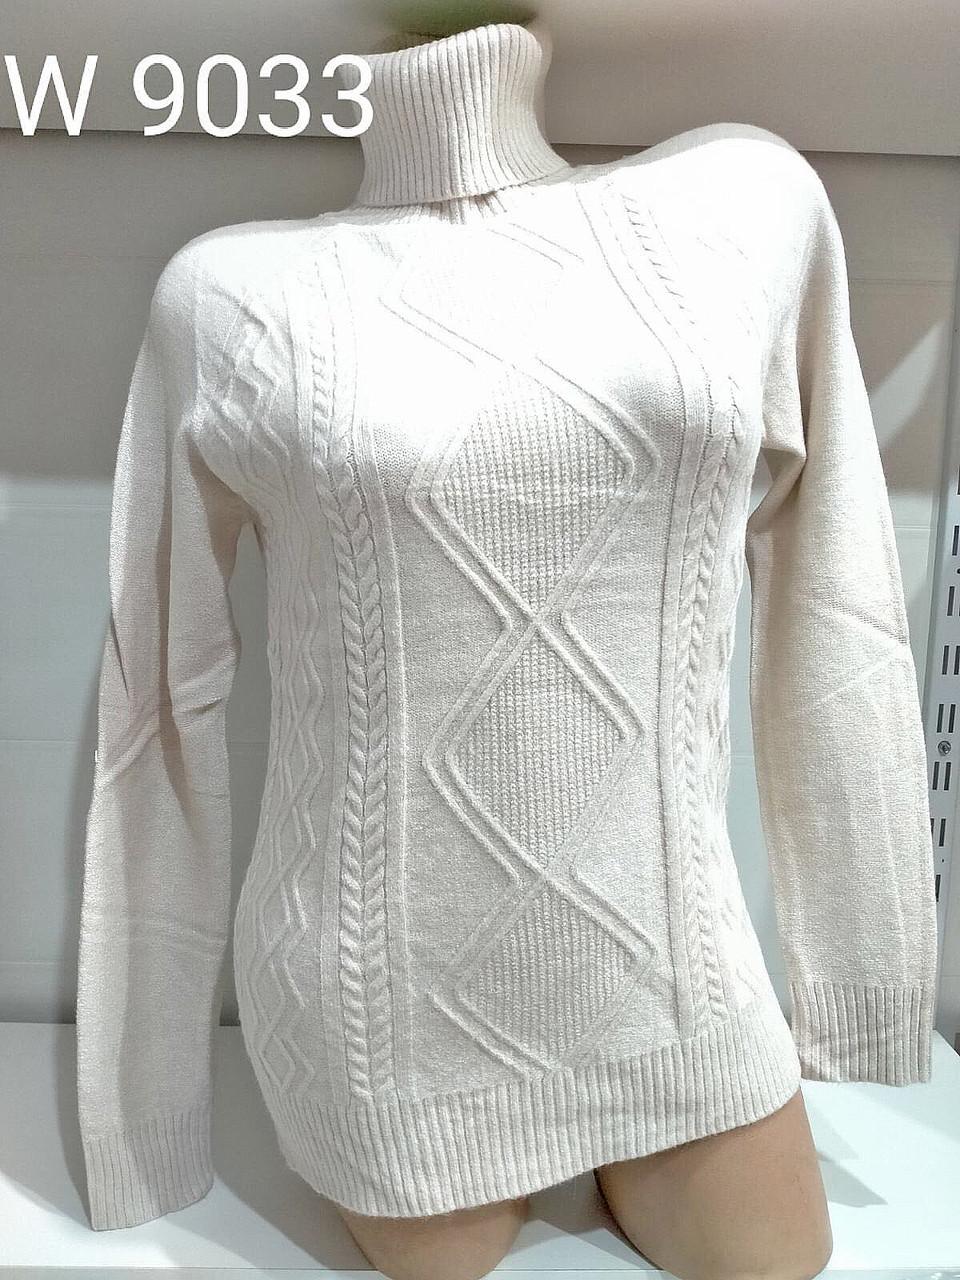 Однотонный свитер-гольф с трикотажными узорами 46-52 (в расцветках)